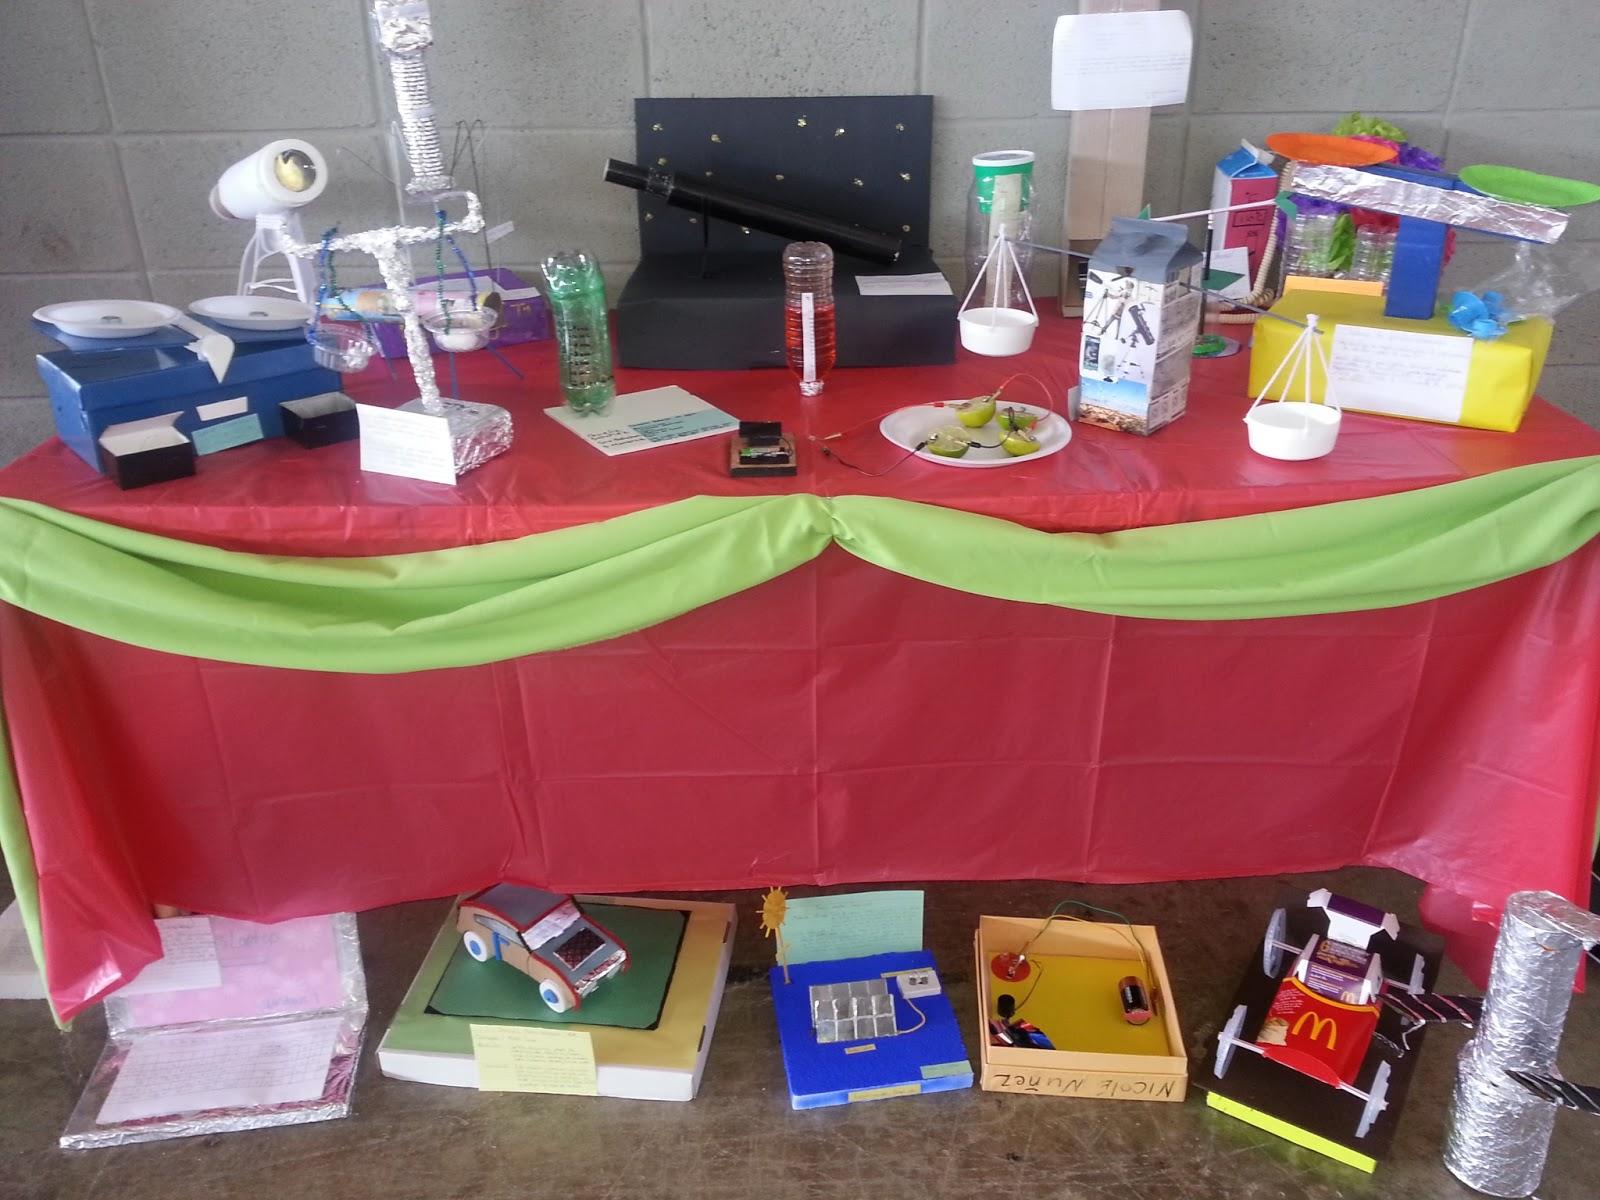 Educatools semana de las ciencias for Decoracion escuela